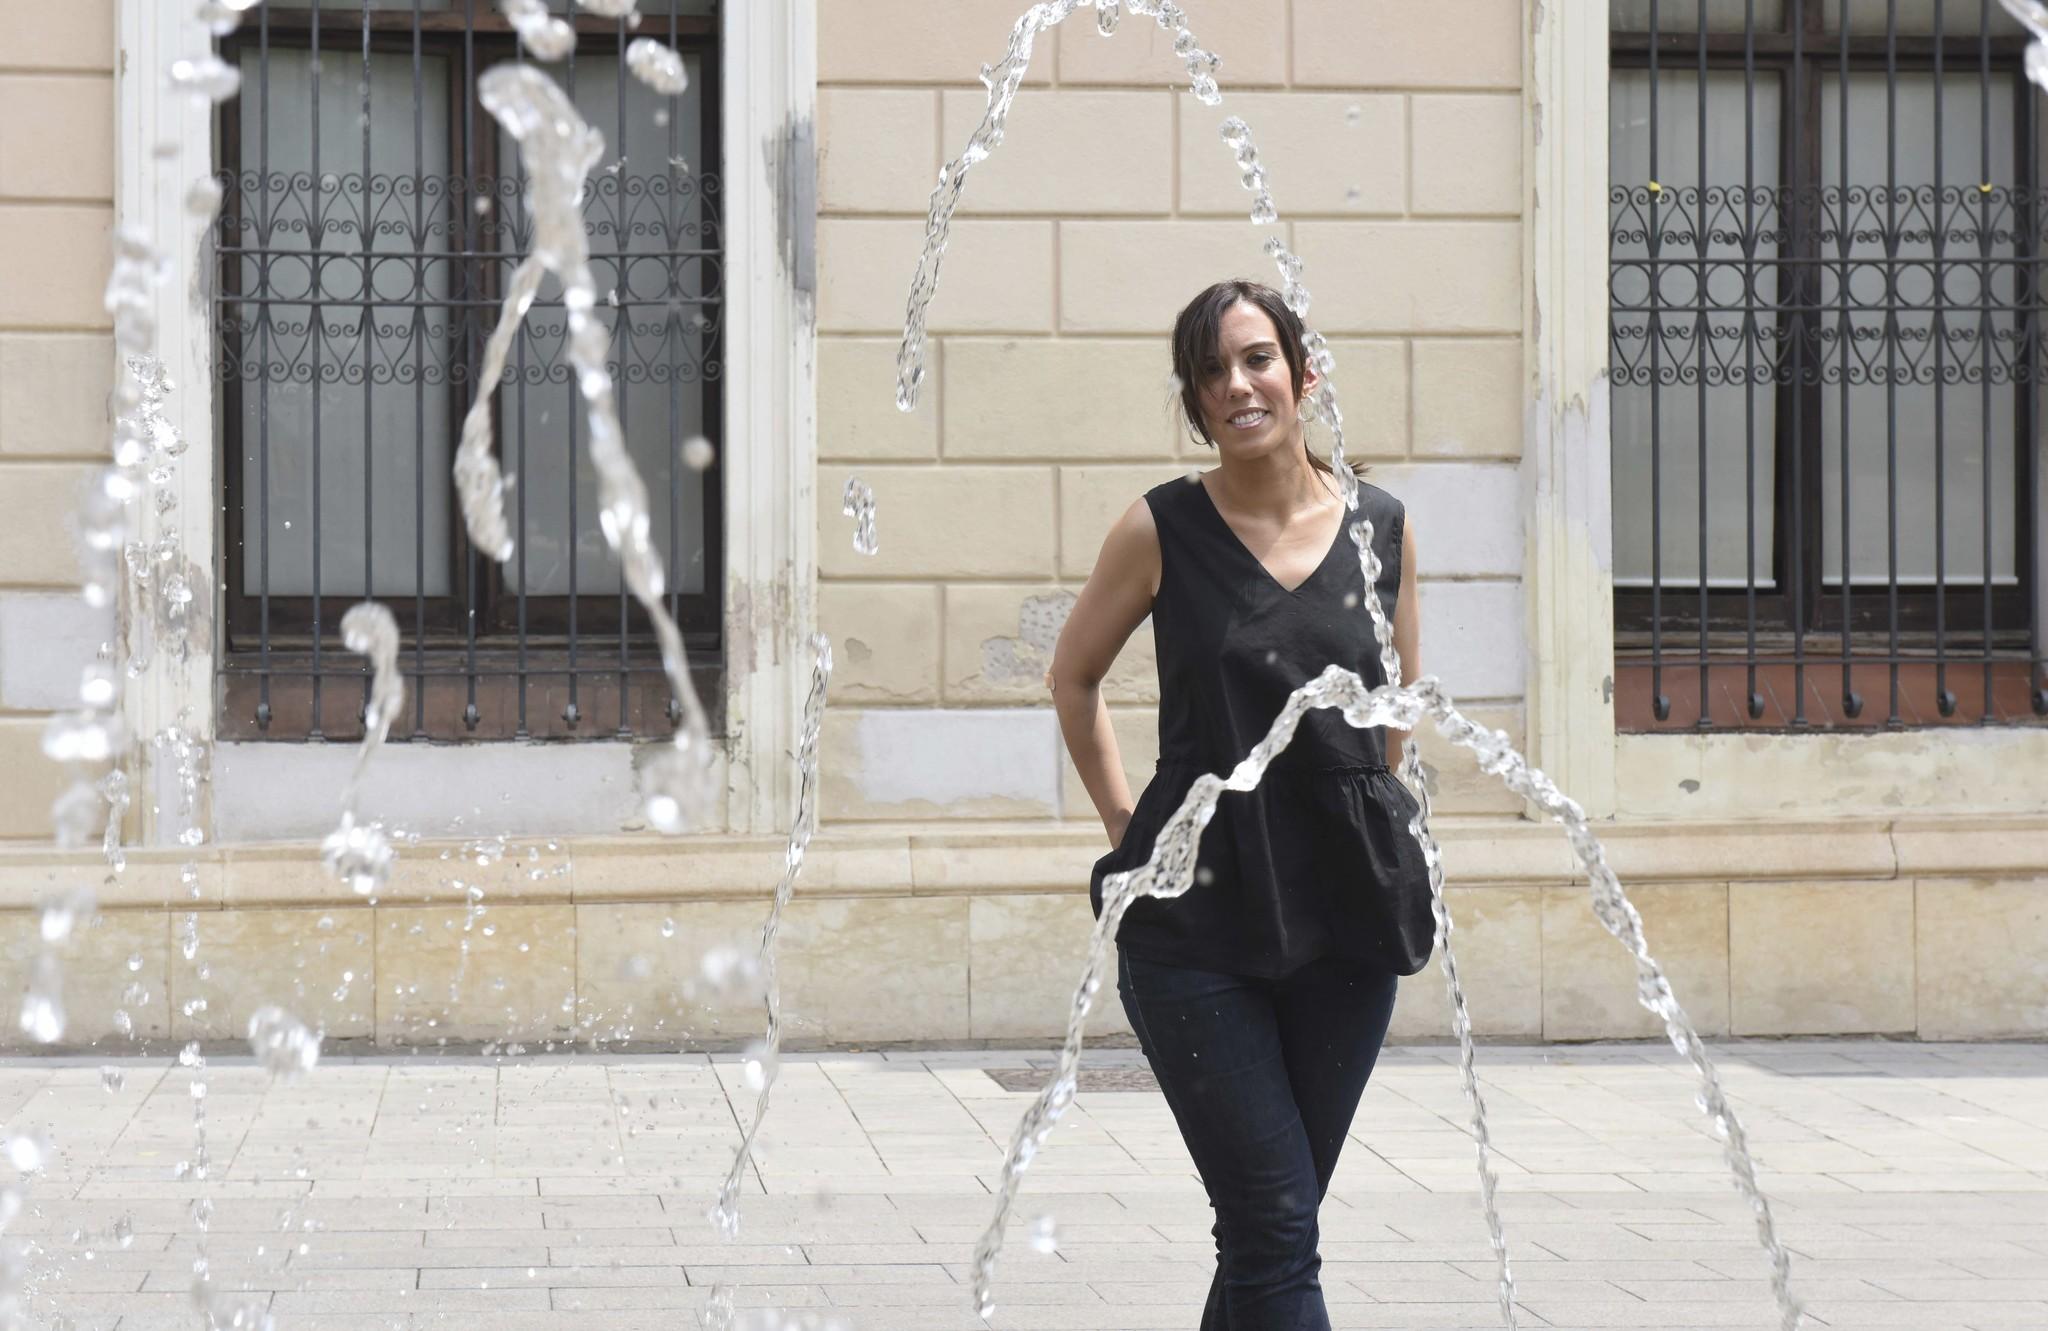 La alcaldesa de Sabadell, Marta Farrés, ante el Ayuntamiento.